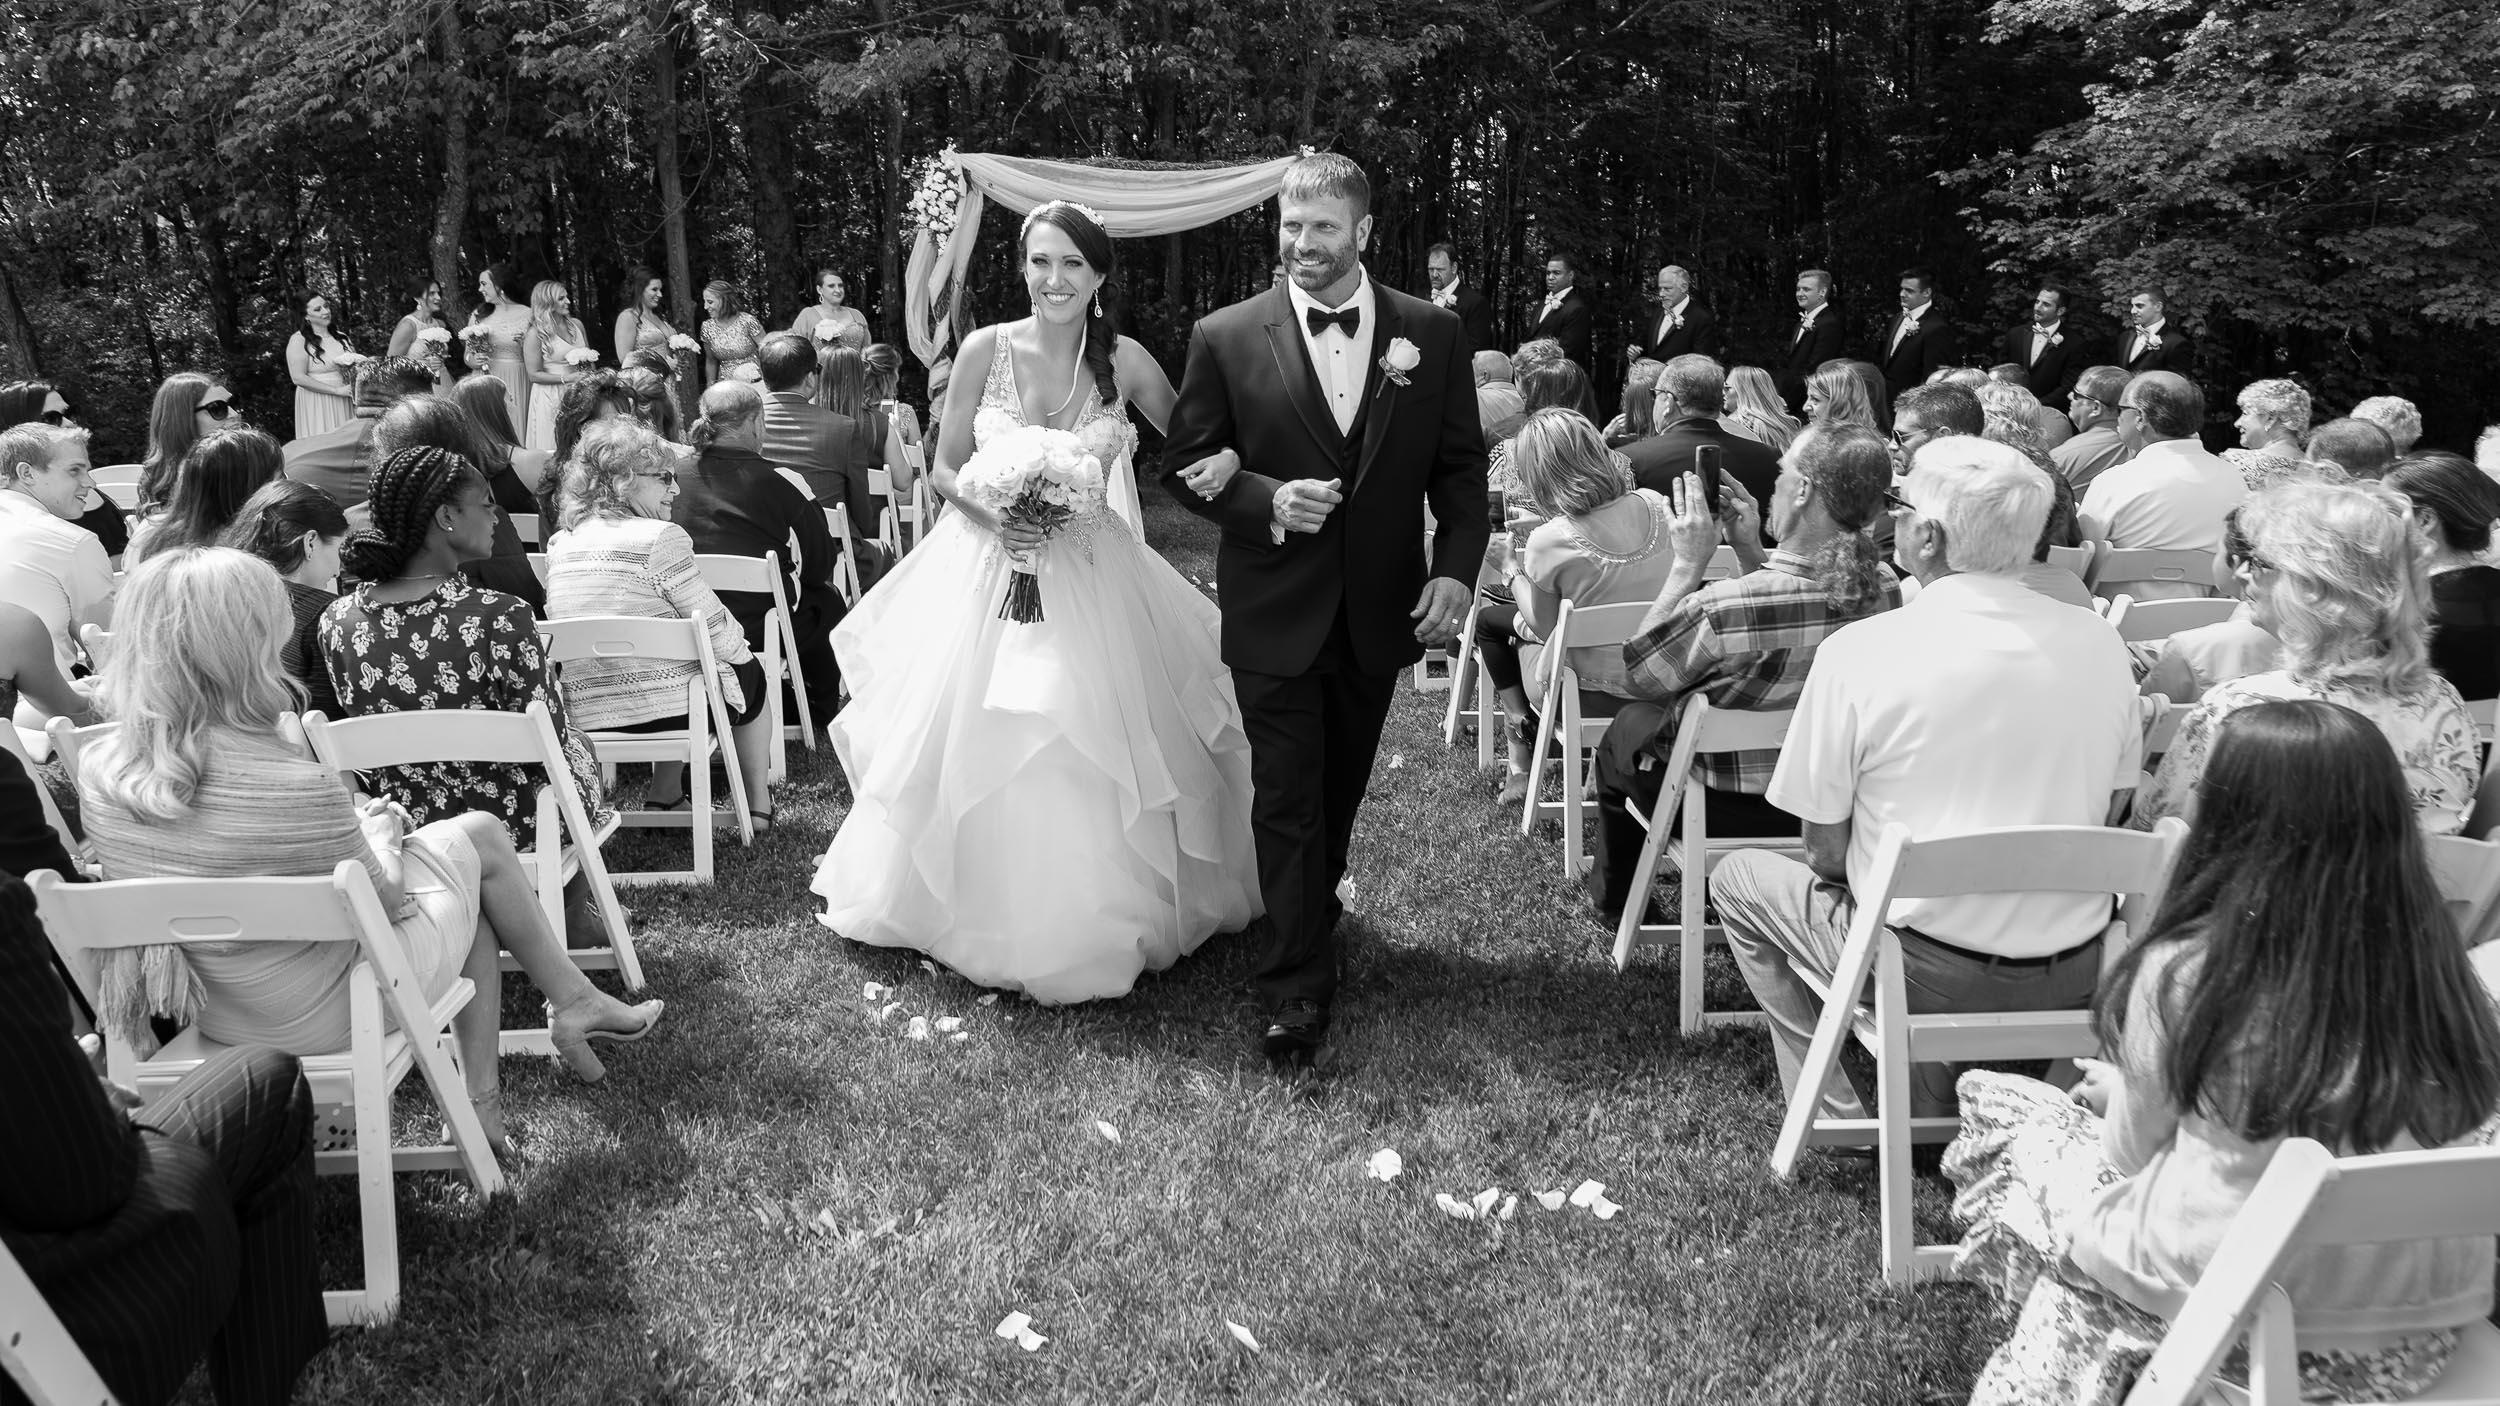 Bride-and-groom-walking-down-the-aisle.jpg